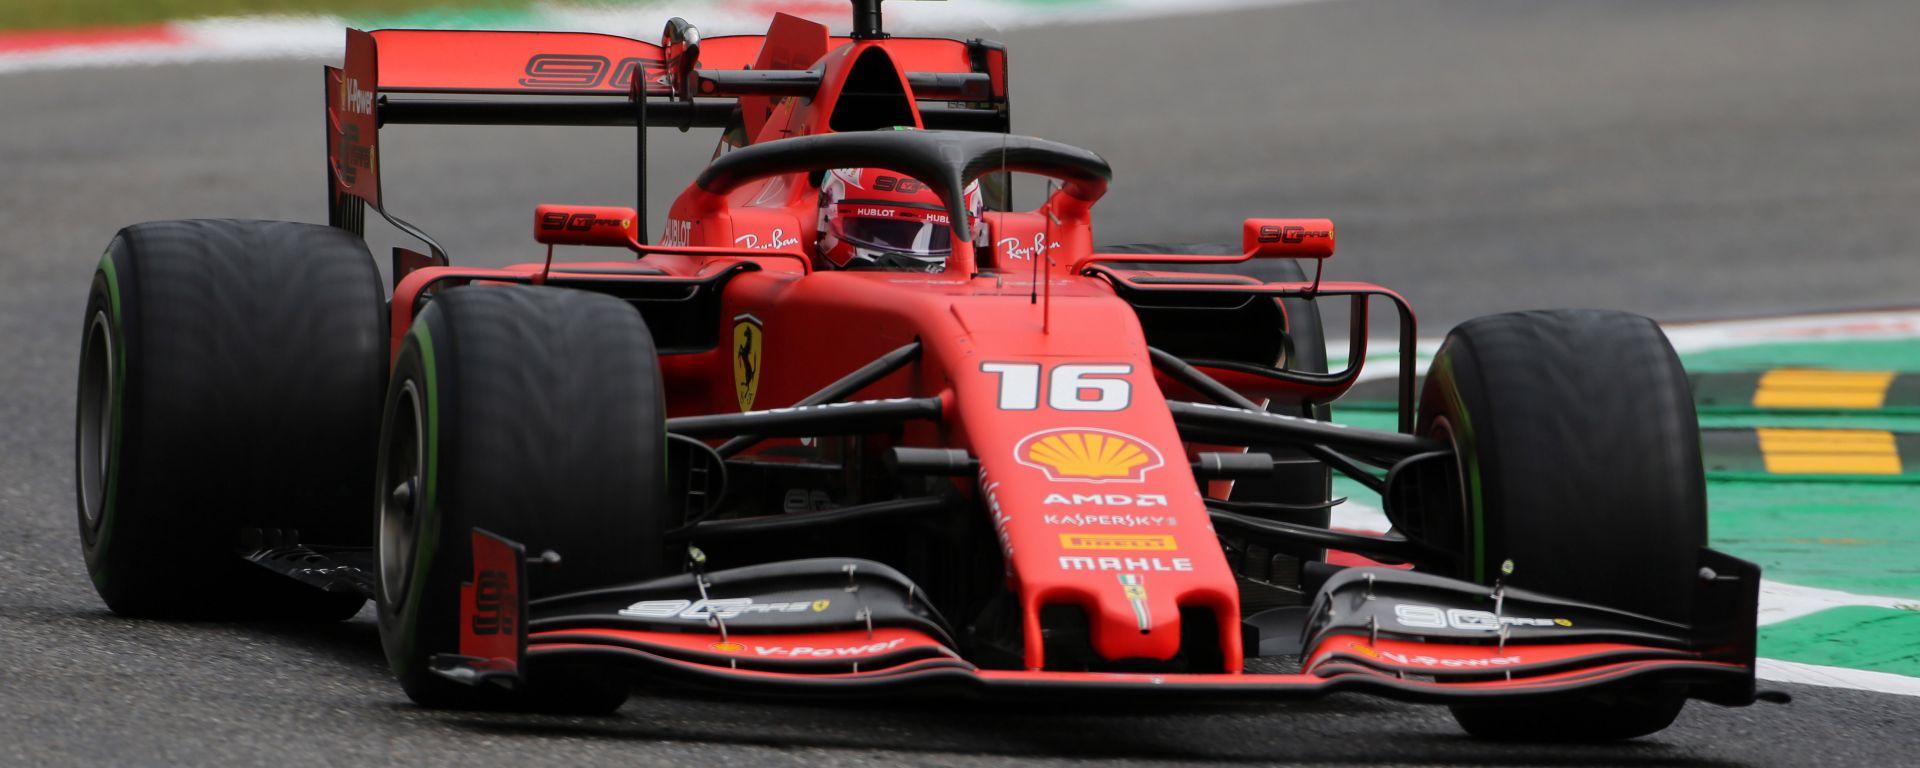 F1 GP Italia 2019, Monza: Charles Leclerc (Ferrari) è il più veloce al termine delle PL1